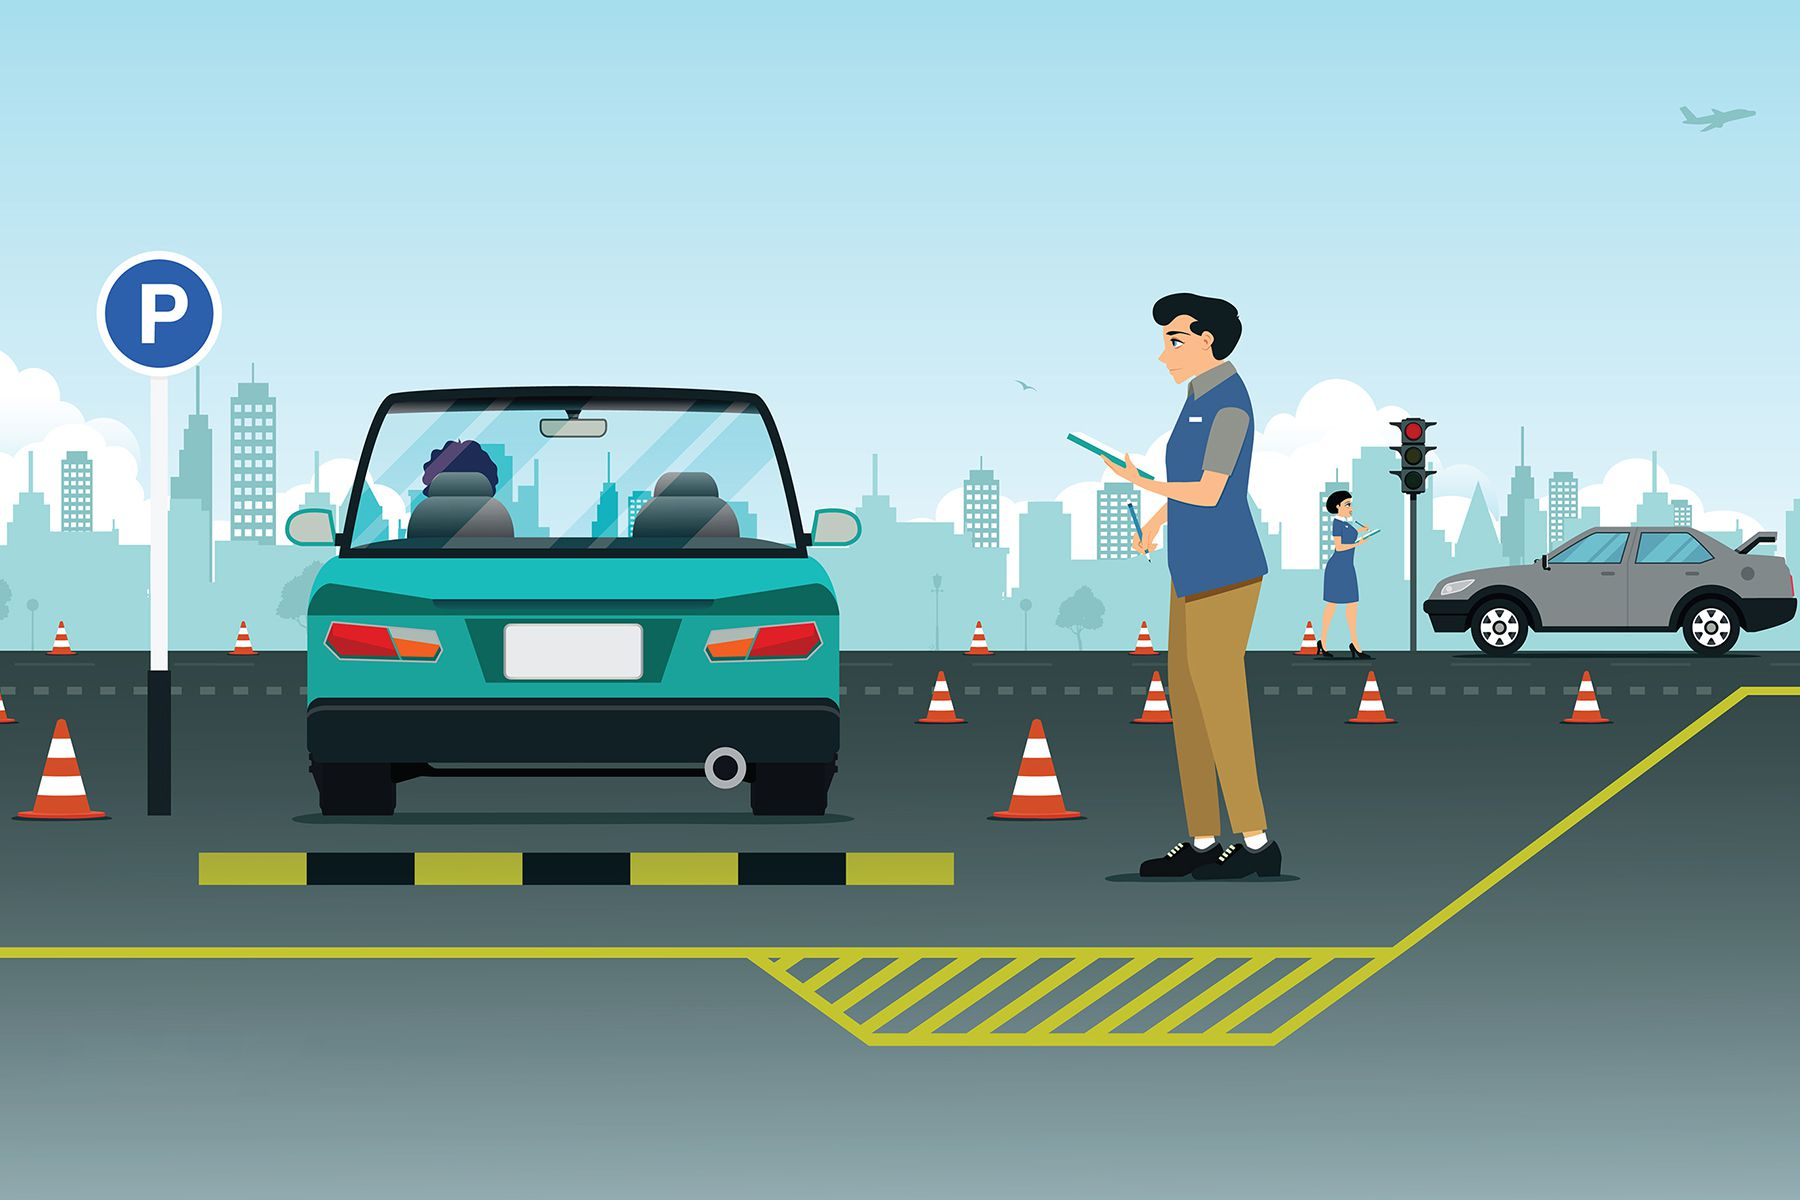 Trung tâm đào tạo lái xe uy tín ở TPHCM